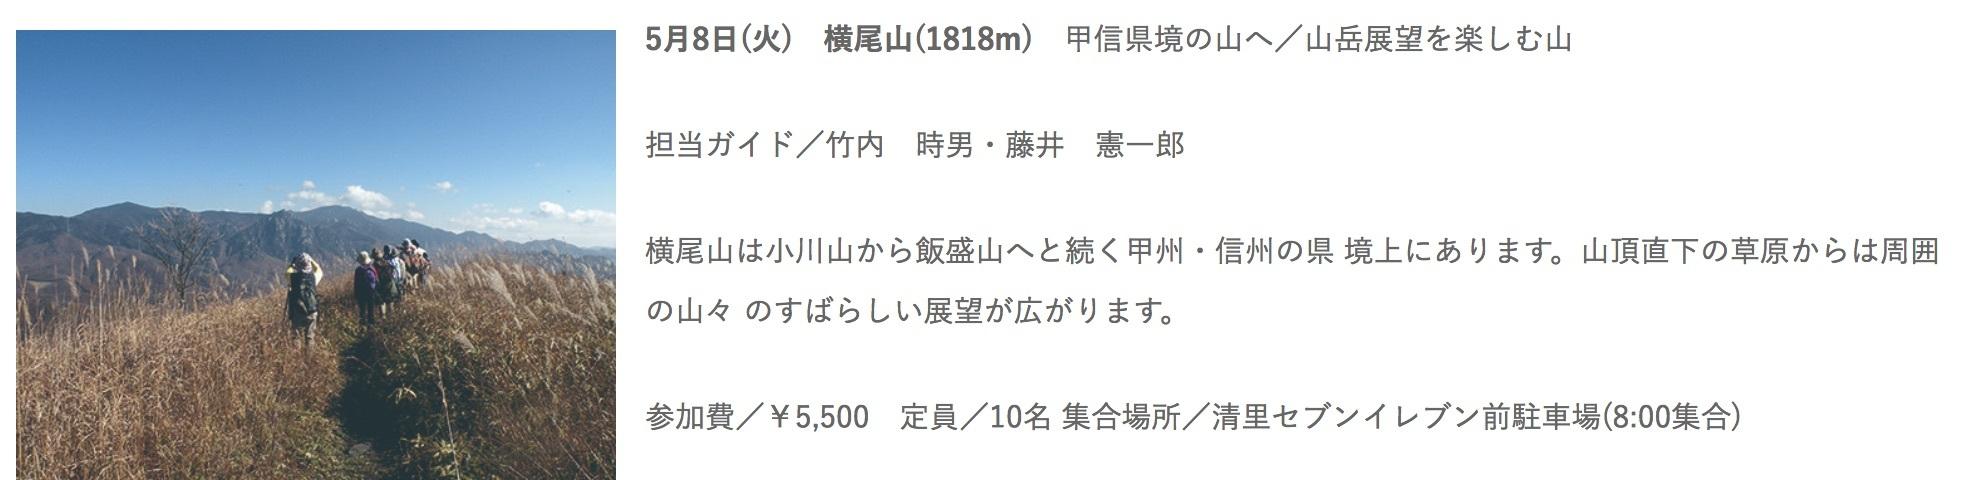 2018年-2019年_前期_スケジュール___Kiyosato_Nature_Guide_Club 清里ネイチャーガイドクラブ_🔊